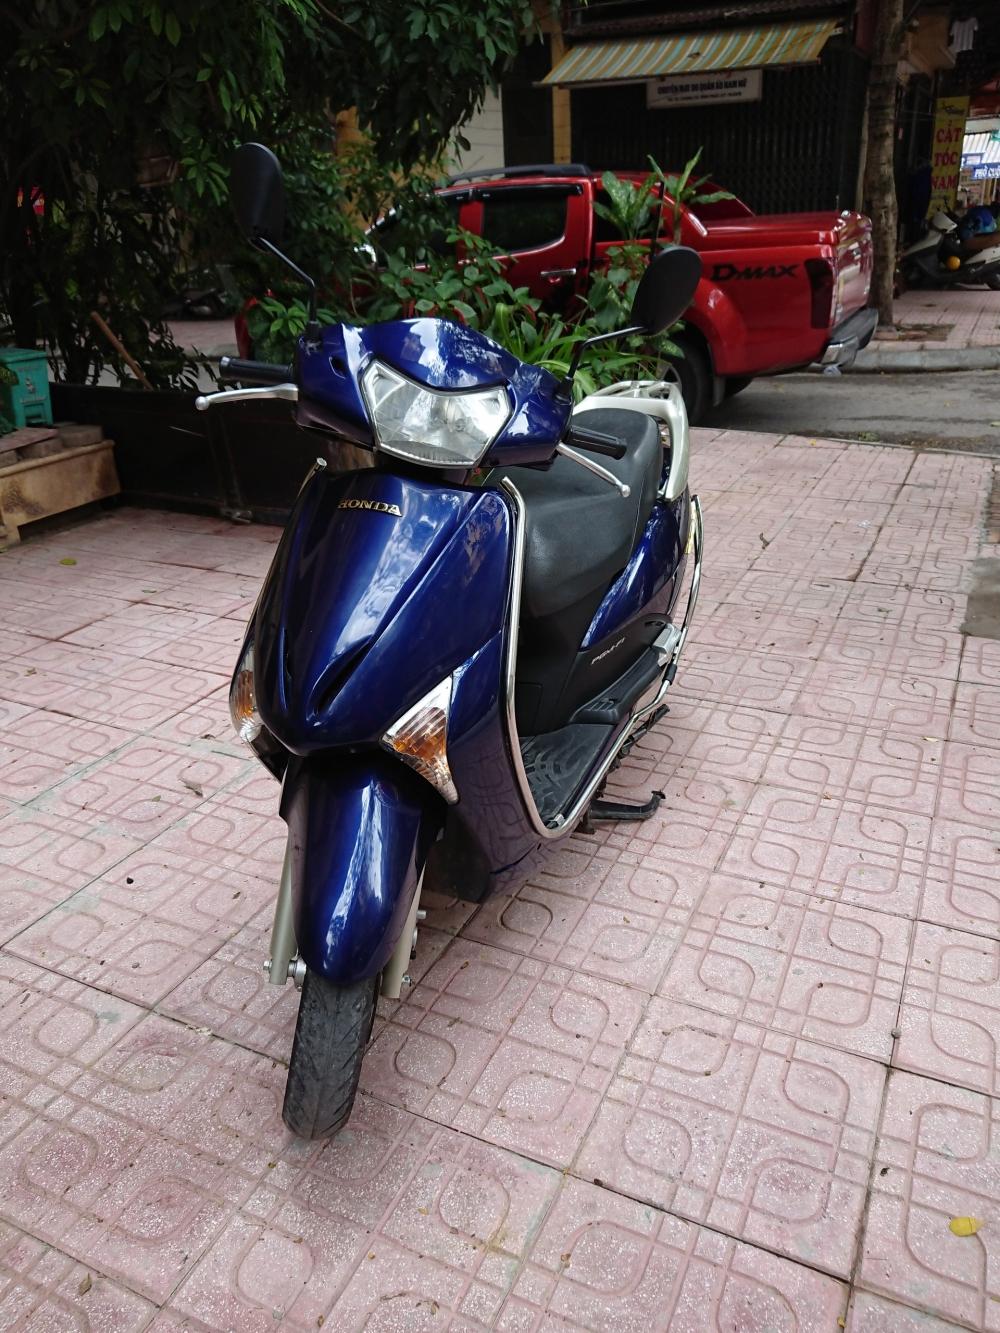 Ban Honda Lead fi xanh tim chinh chu con dep nguyen ban 14tr300 - 2